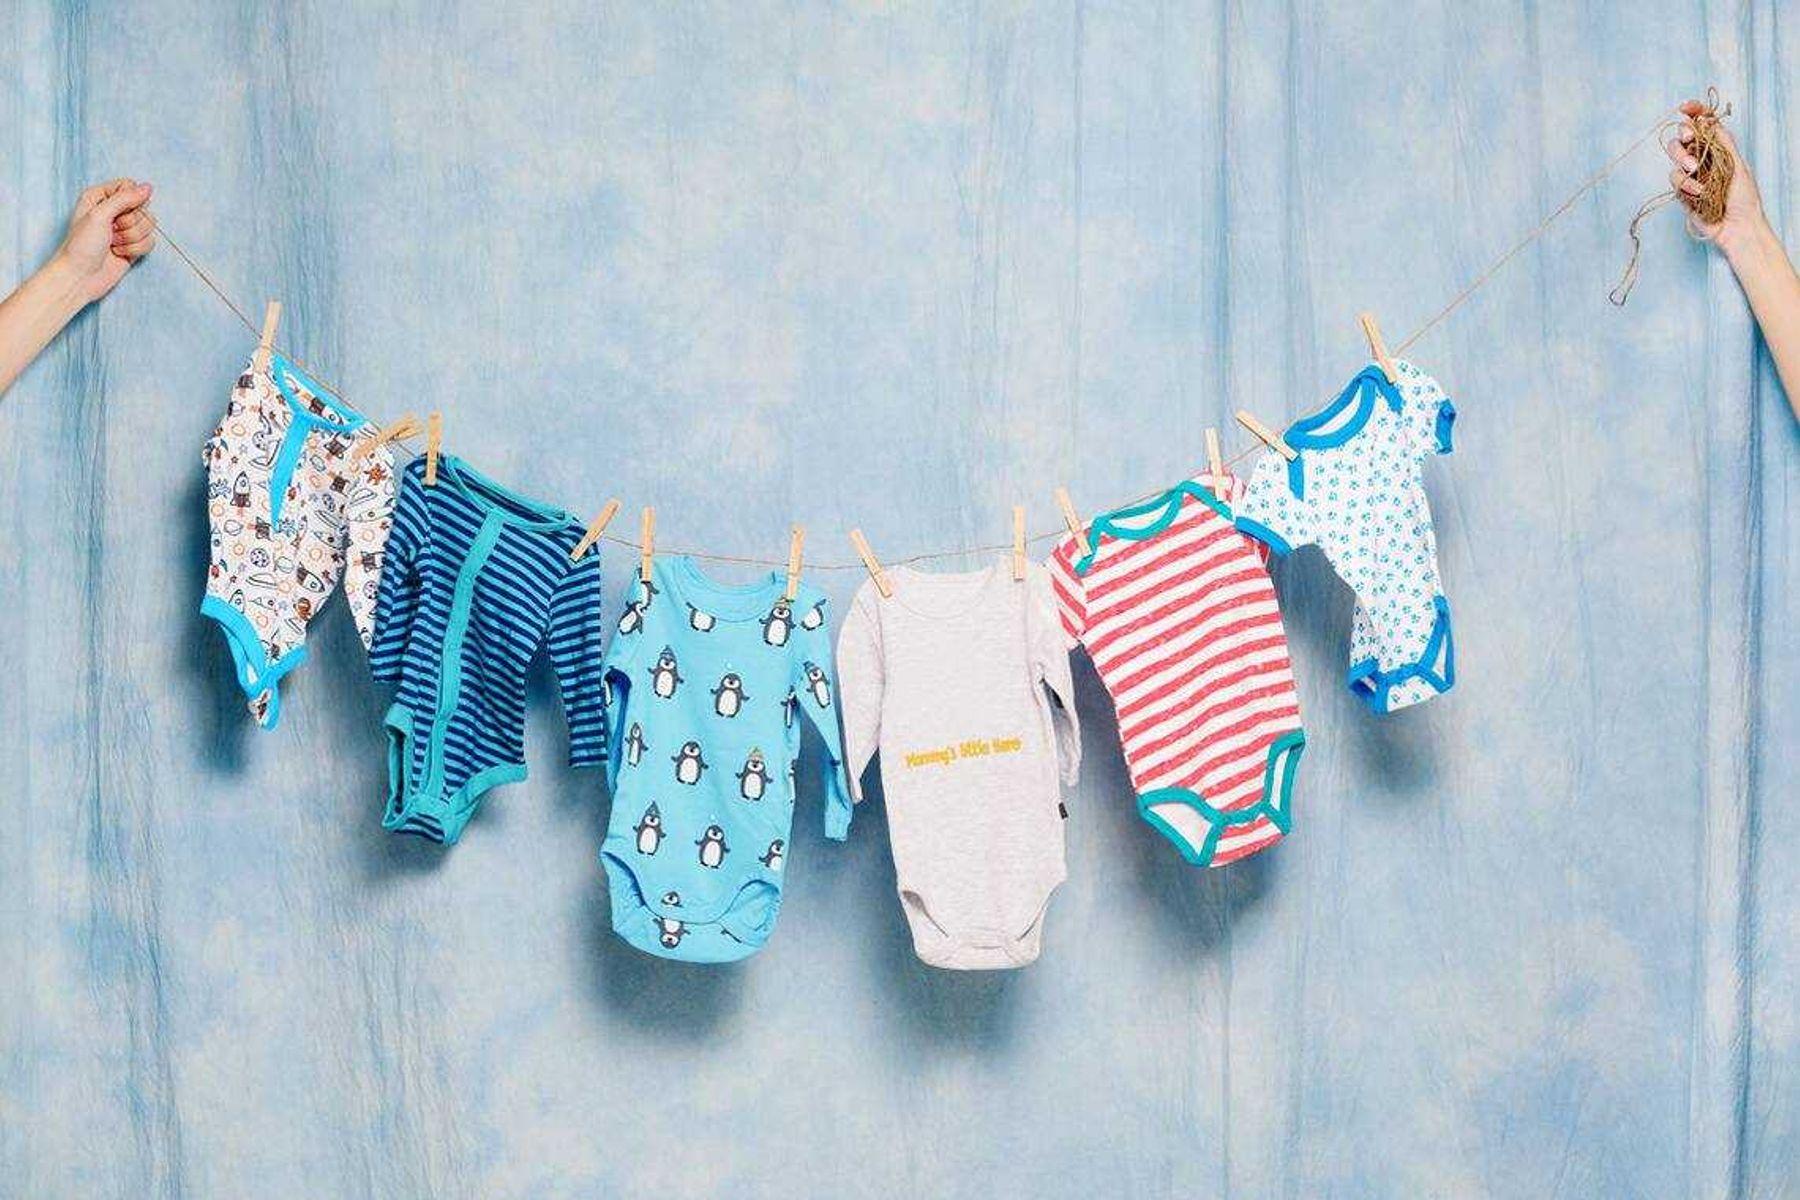 Cách giặt quần áo cho trẻ sơ sinh không bị kích ứng